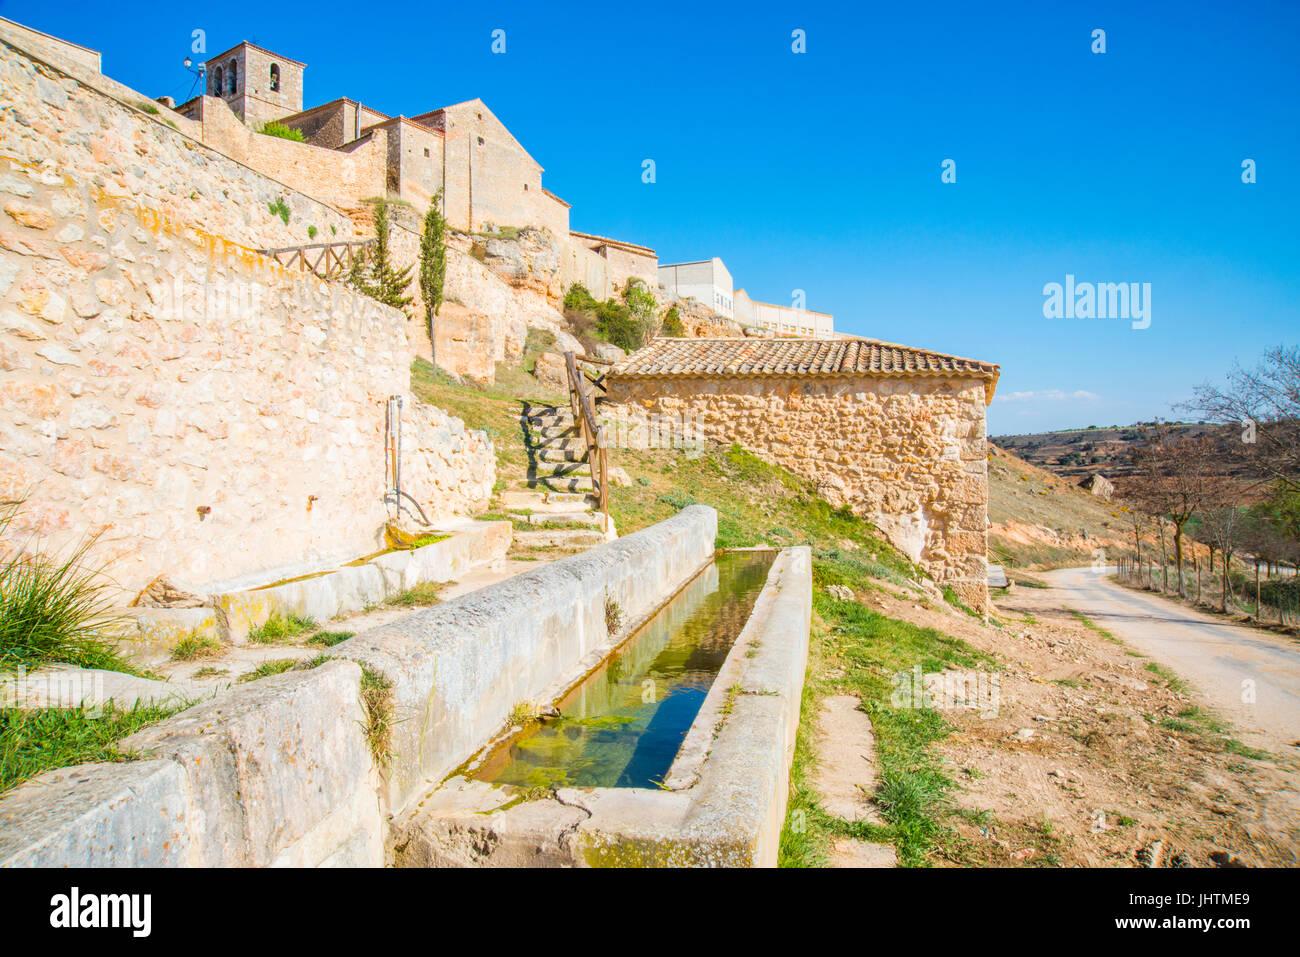 Atauta, provincia de Soria, Castilla y León, España. Foto de stock